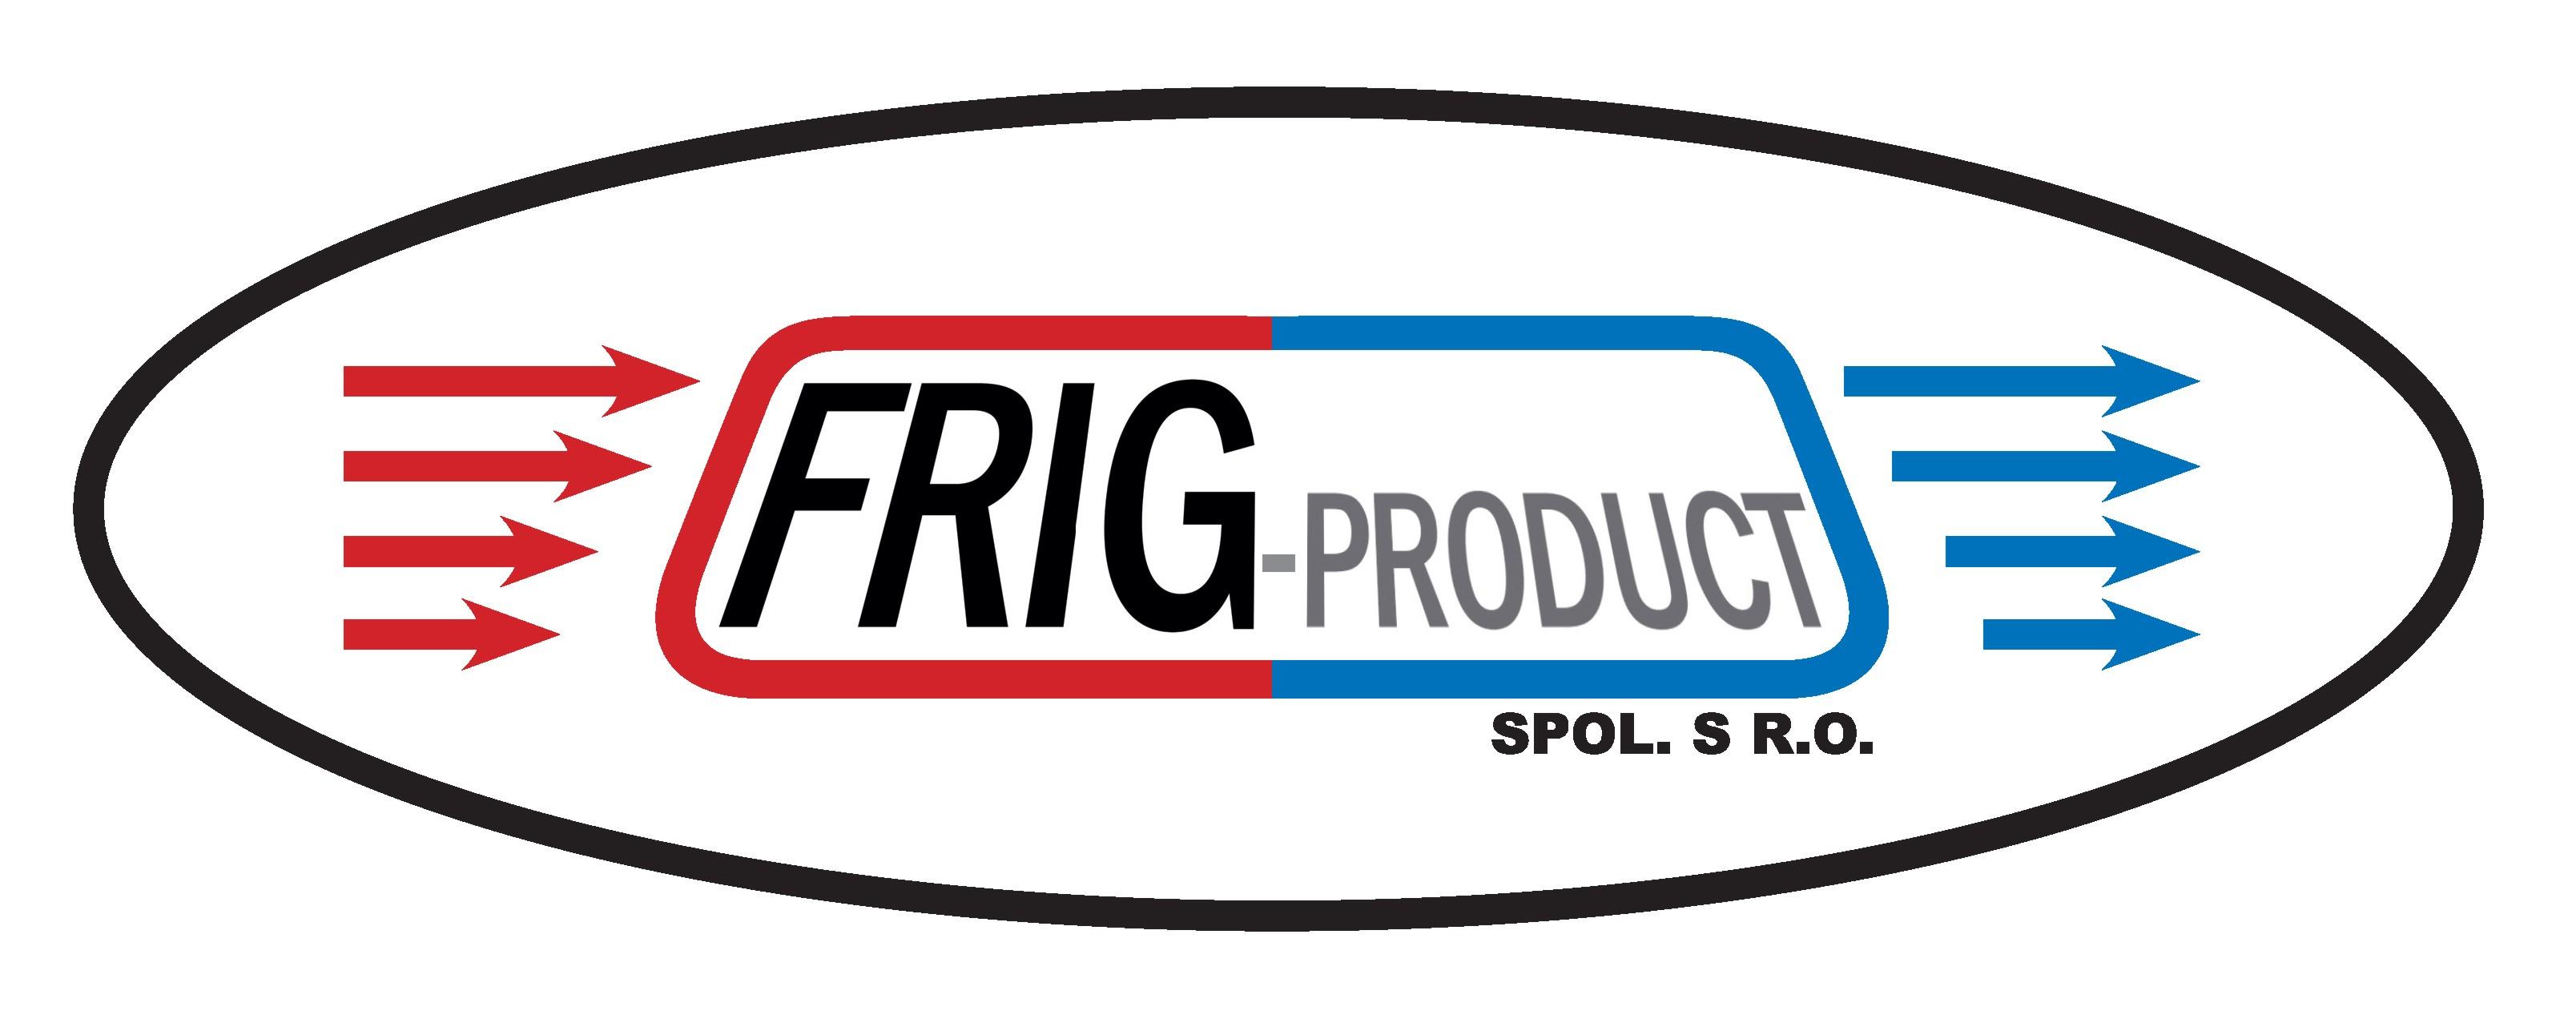 Frig product